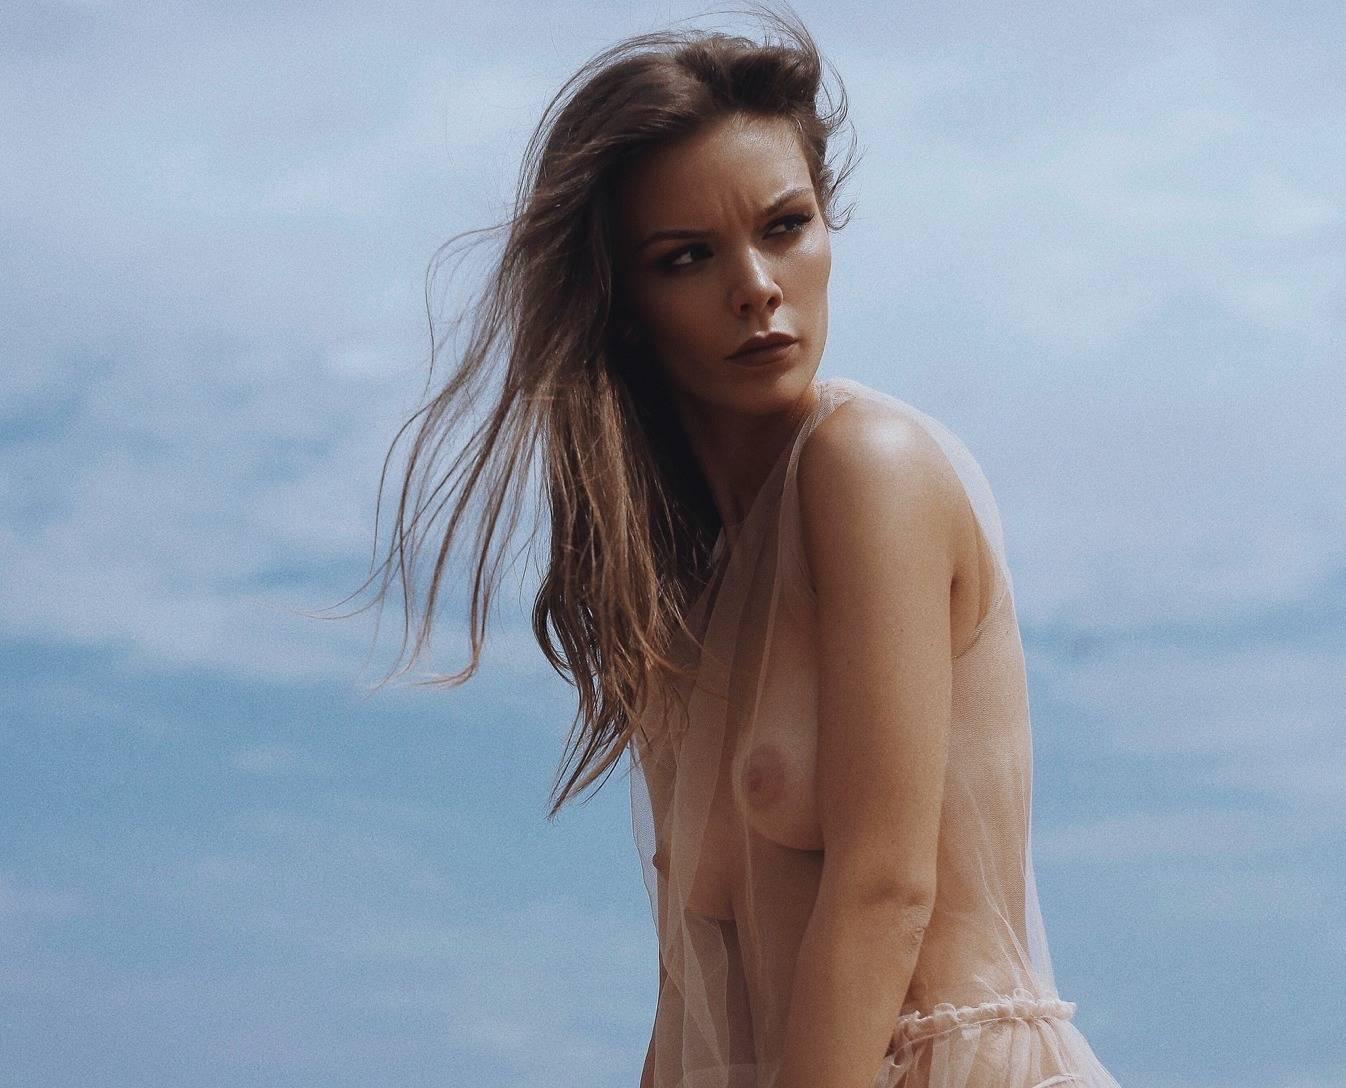 Polina Kozlova aka San Poul by Alina Gaf